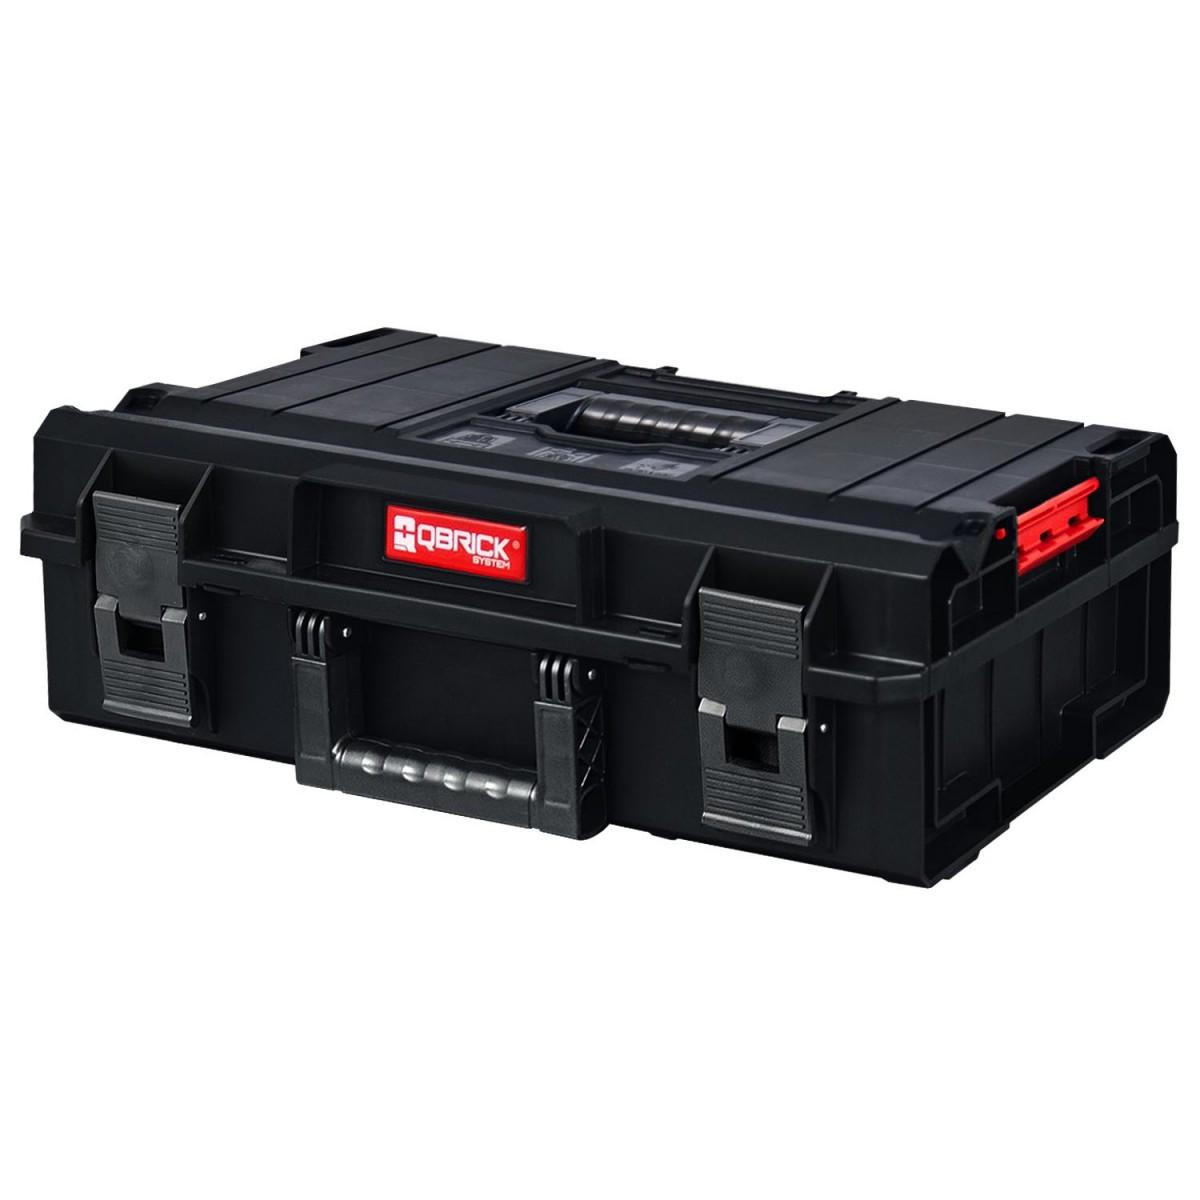 Kufr na nářadí Box QBRICK® System ONE 200 Basic